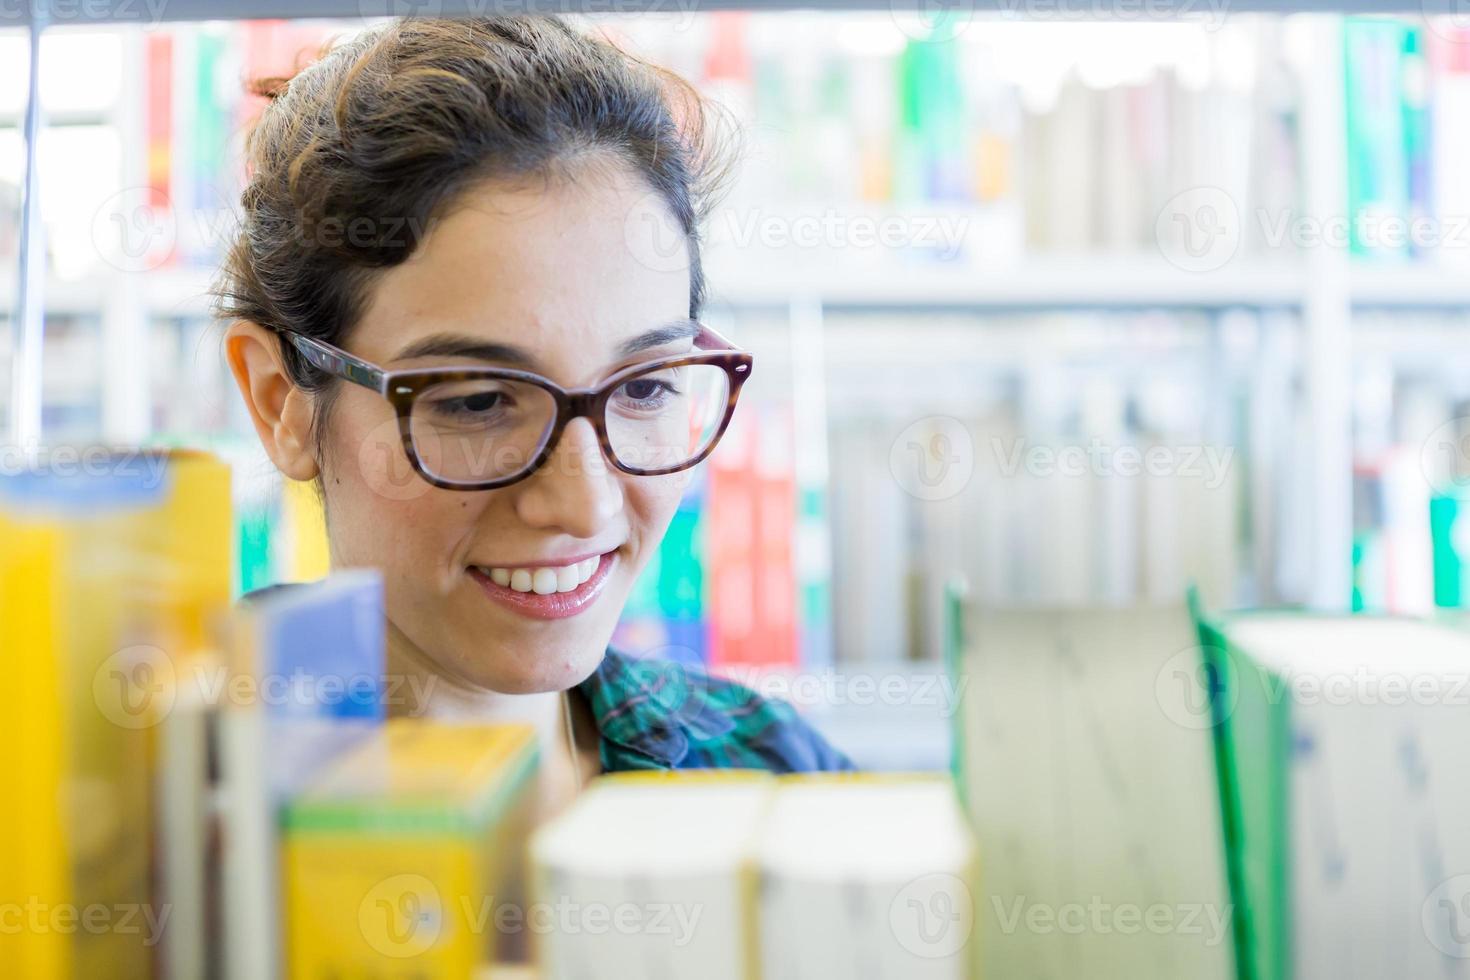 jeune étudiant à la recherche de livres à la bibliothèque photo